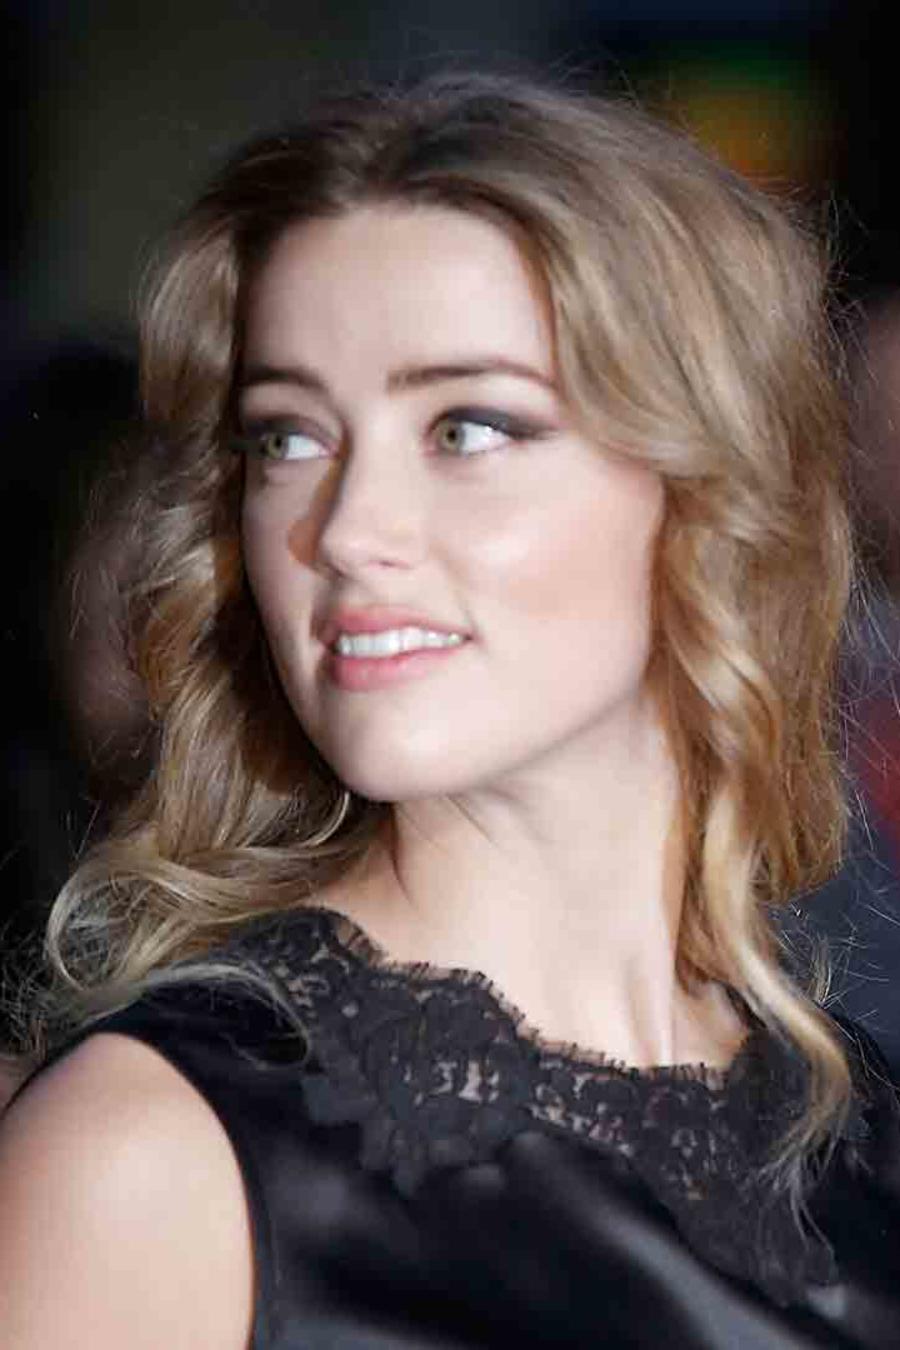 Amber Heard dice que donará los $7MM de su acuerdo con Depp